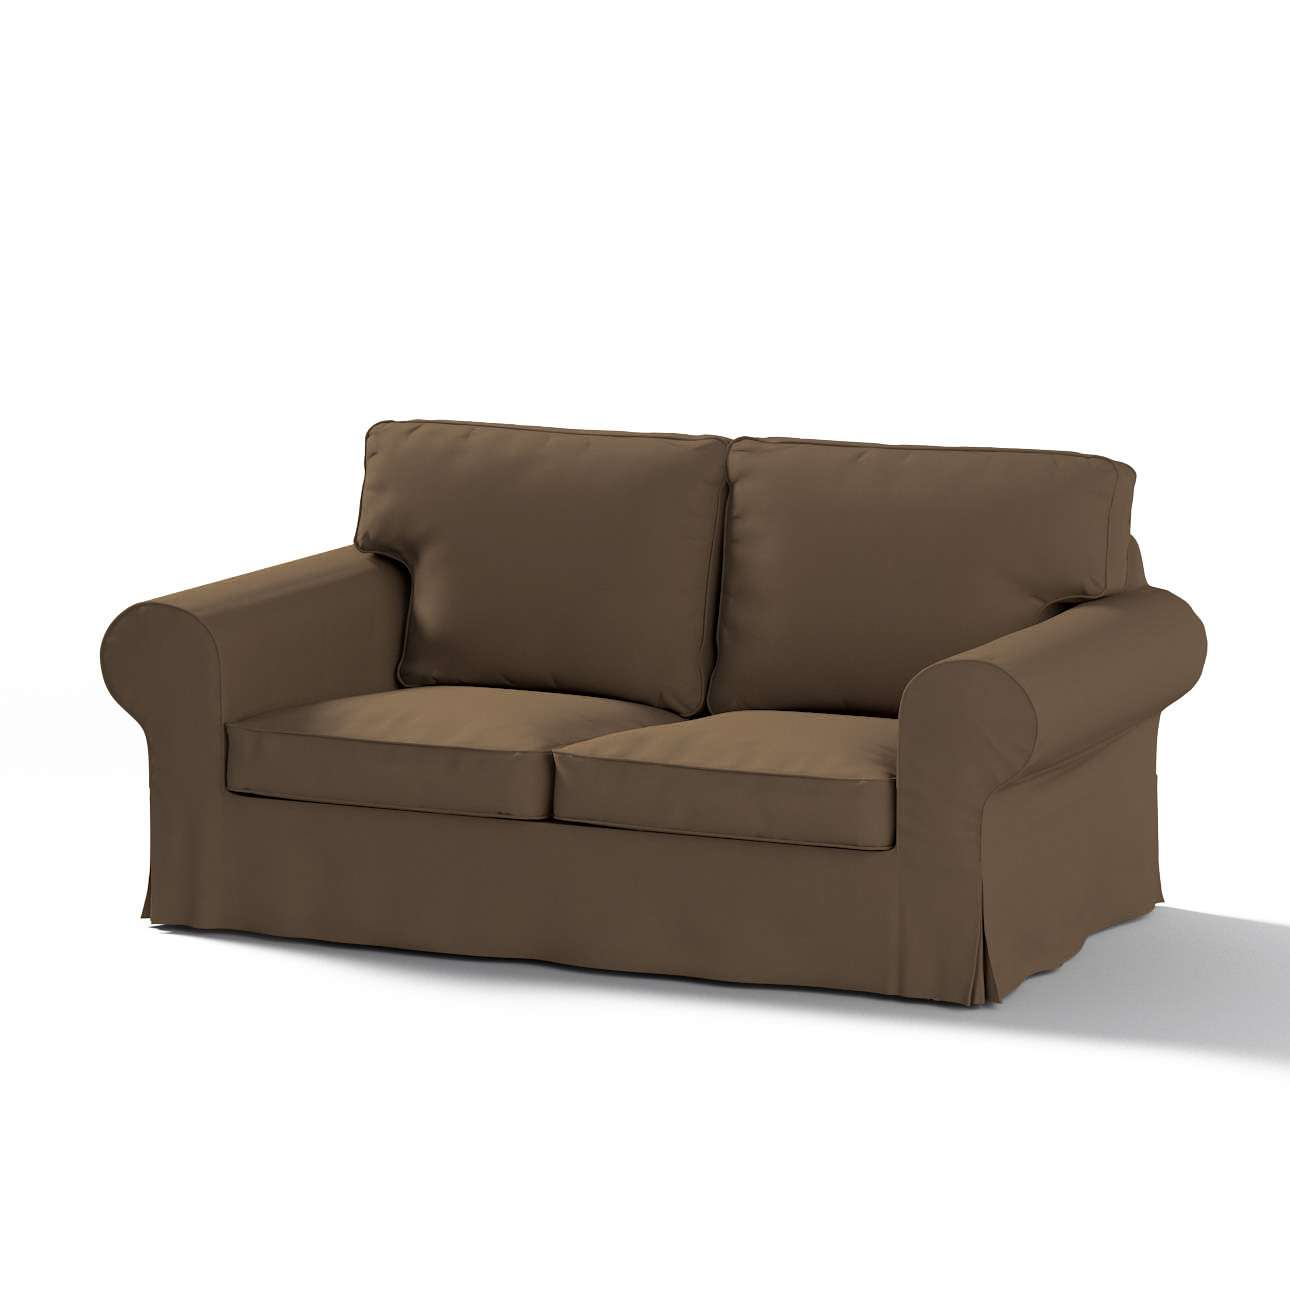 Ektorp dvivietės sofos užvalkalas Ektorp dvivietės sofos užvalkalas kolekcijoje Cotton Panama, audinys: 702-02